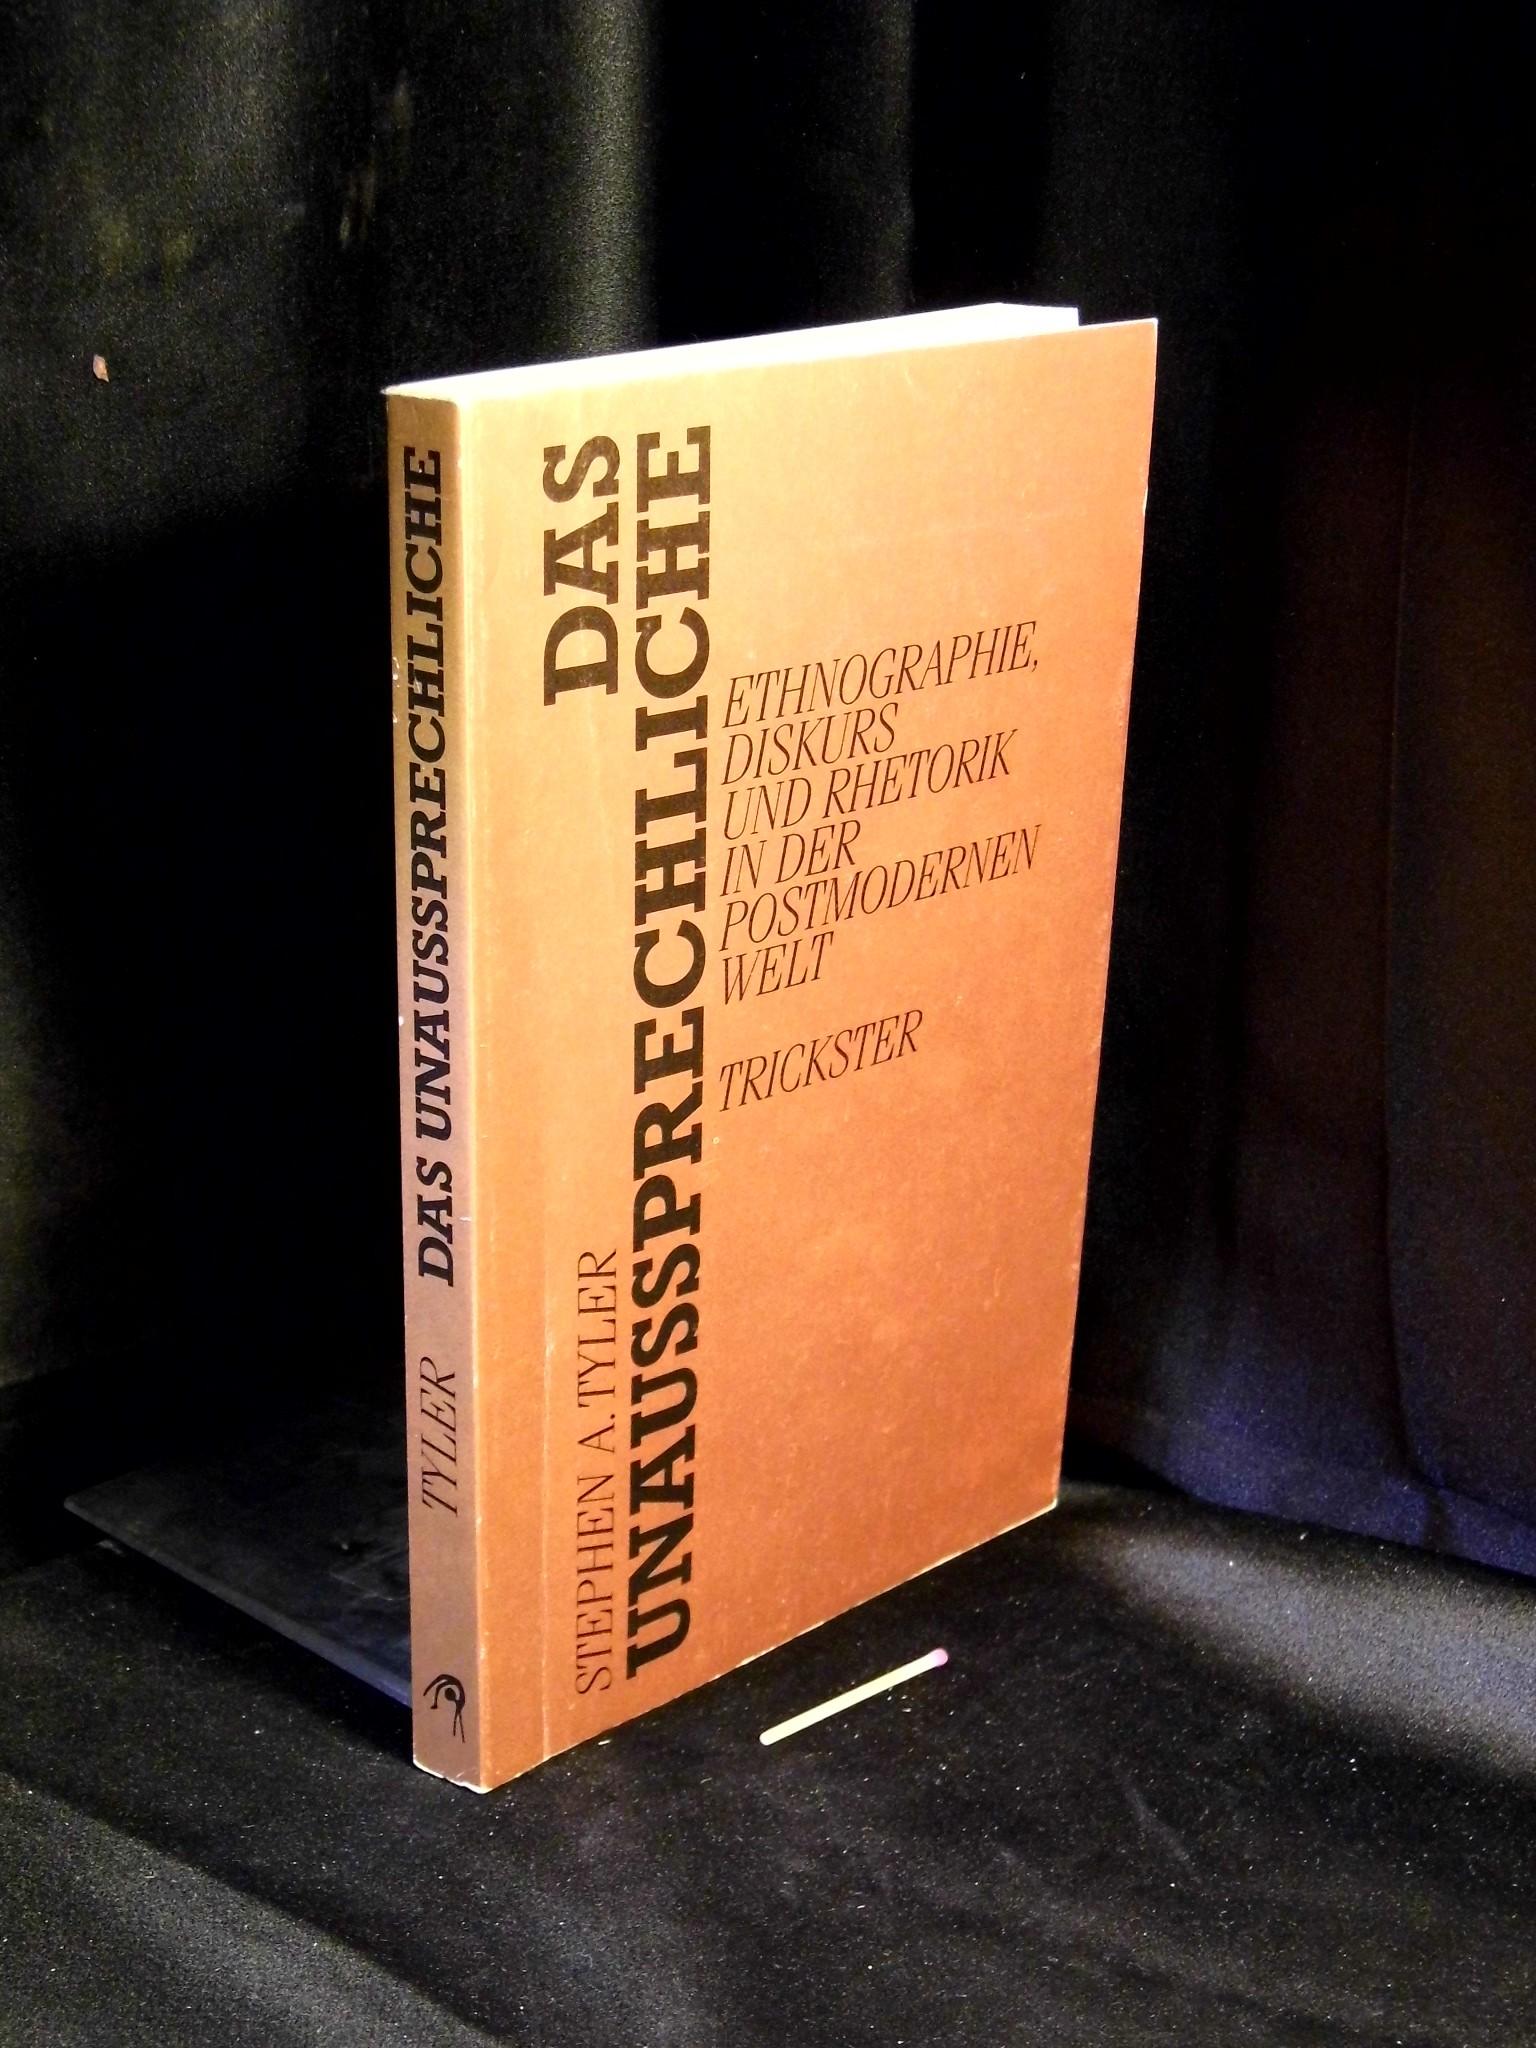 Das Unaussprechliche - Ethnogrphie, Diskurs und Rhetoriik in der postmodernen Welt - - Tyler, Stephen A. -